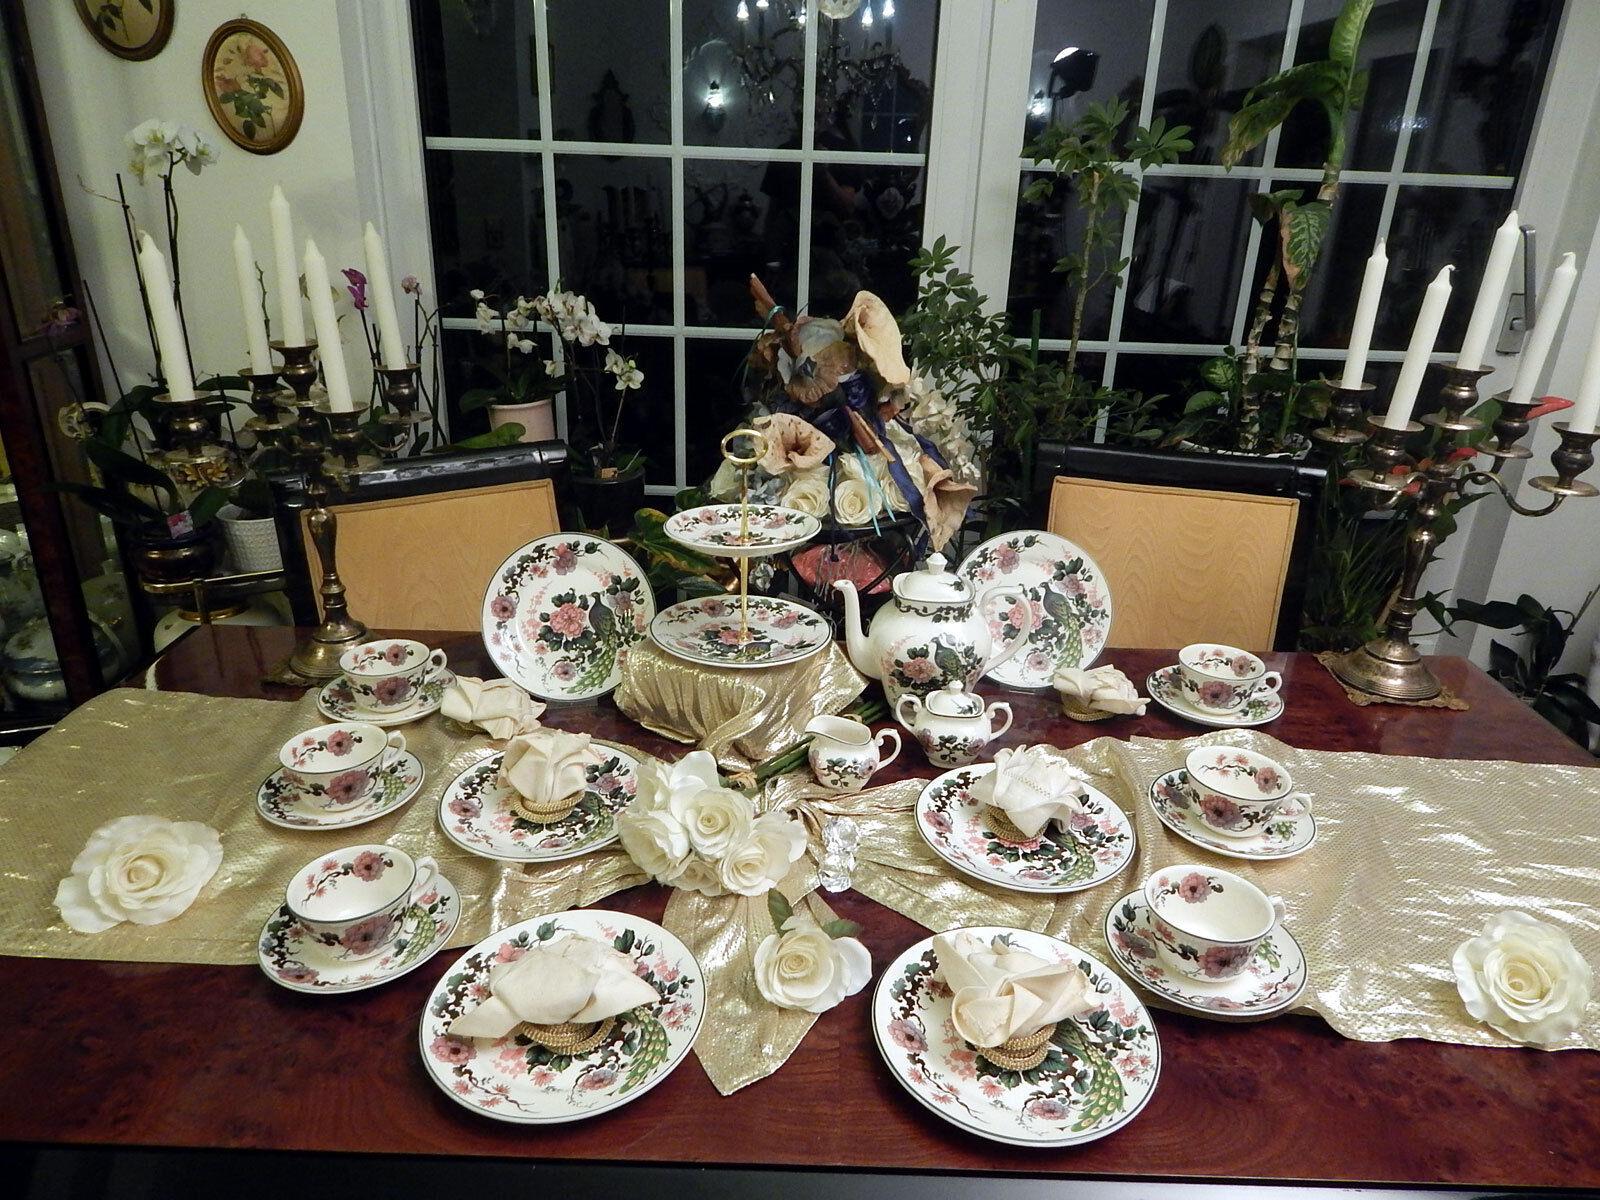 Élégant service à thé avec etagere MYOTT MEAKIN Exotic Garden